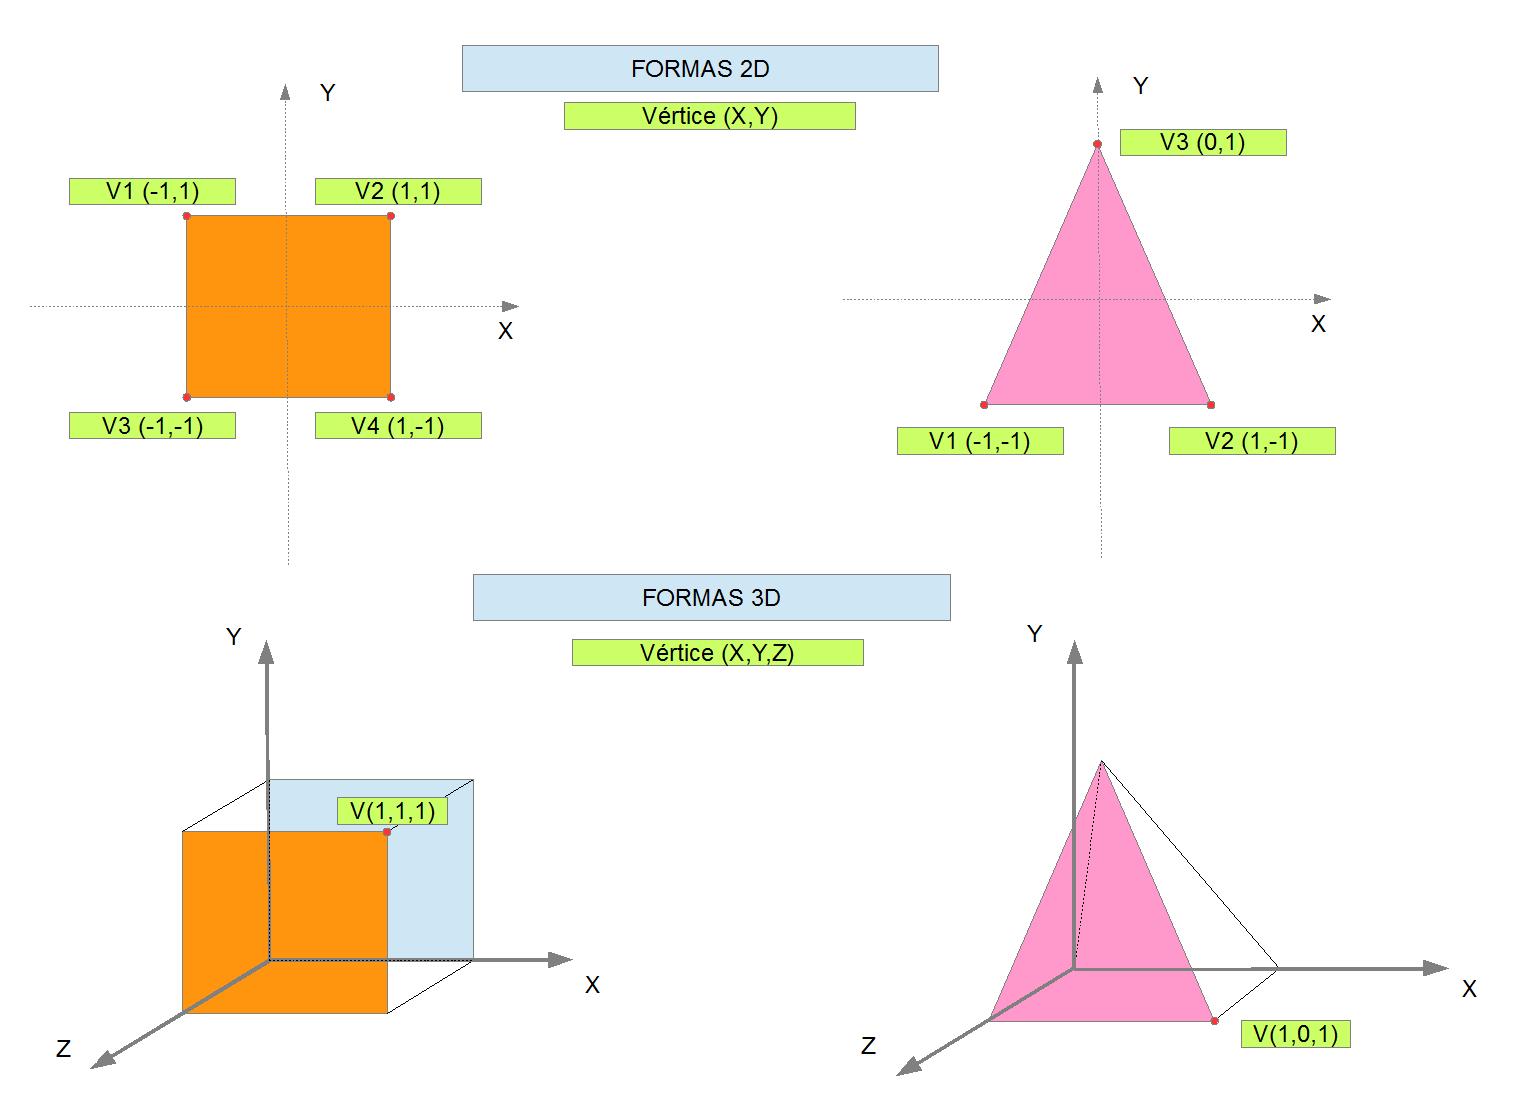 Coordenadas Formas 2D Y 3D